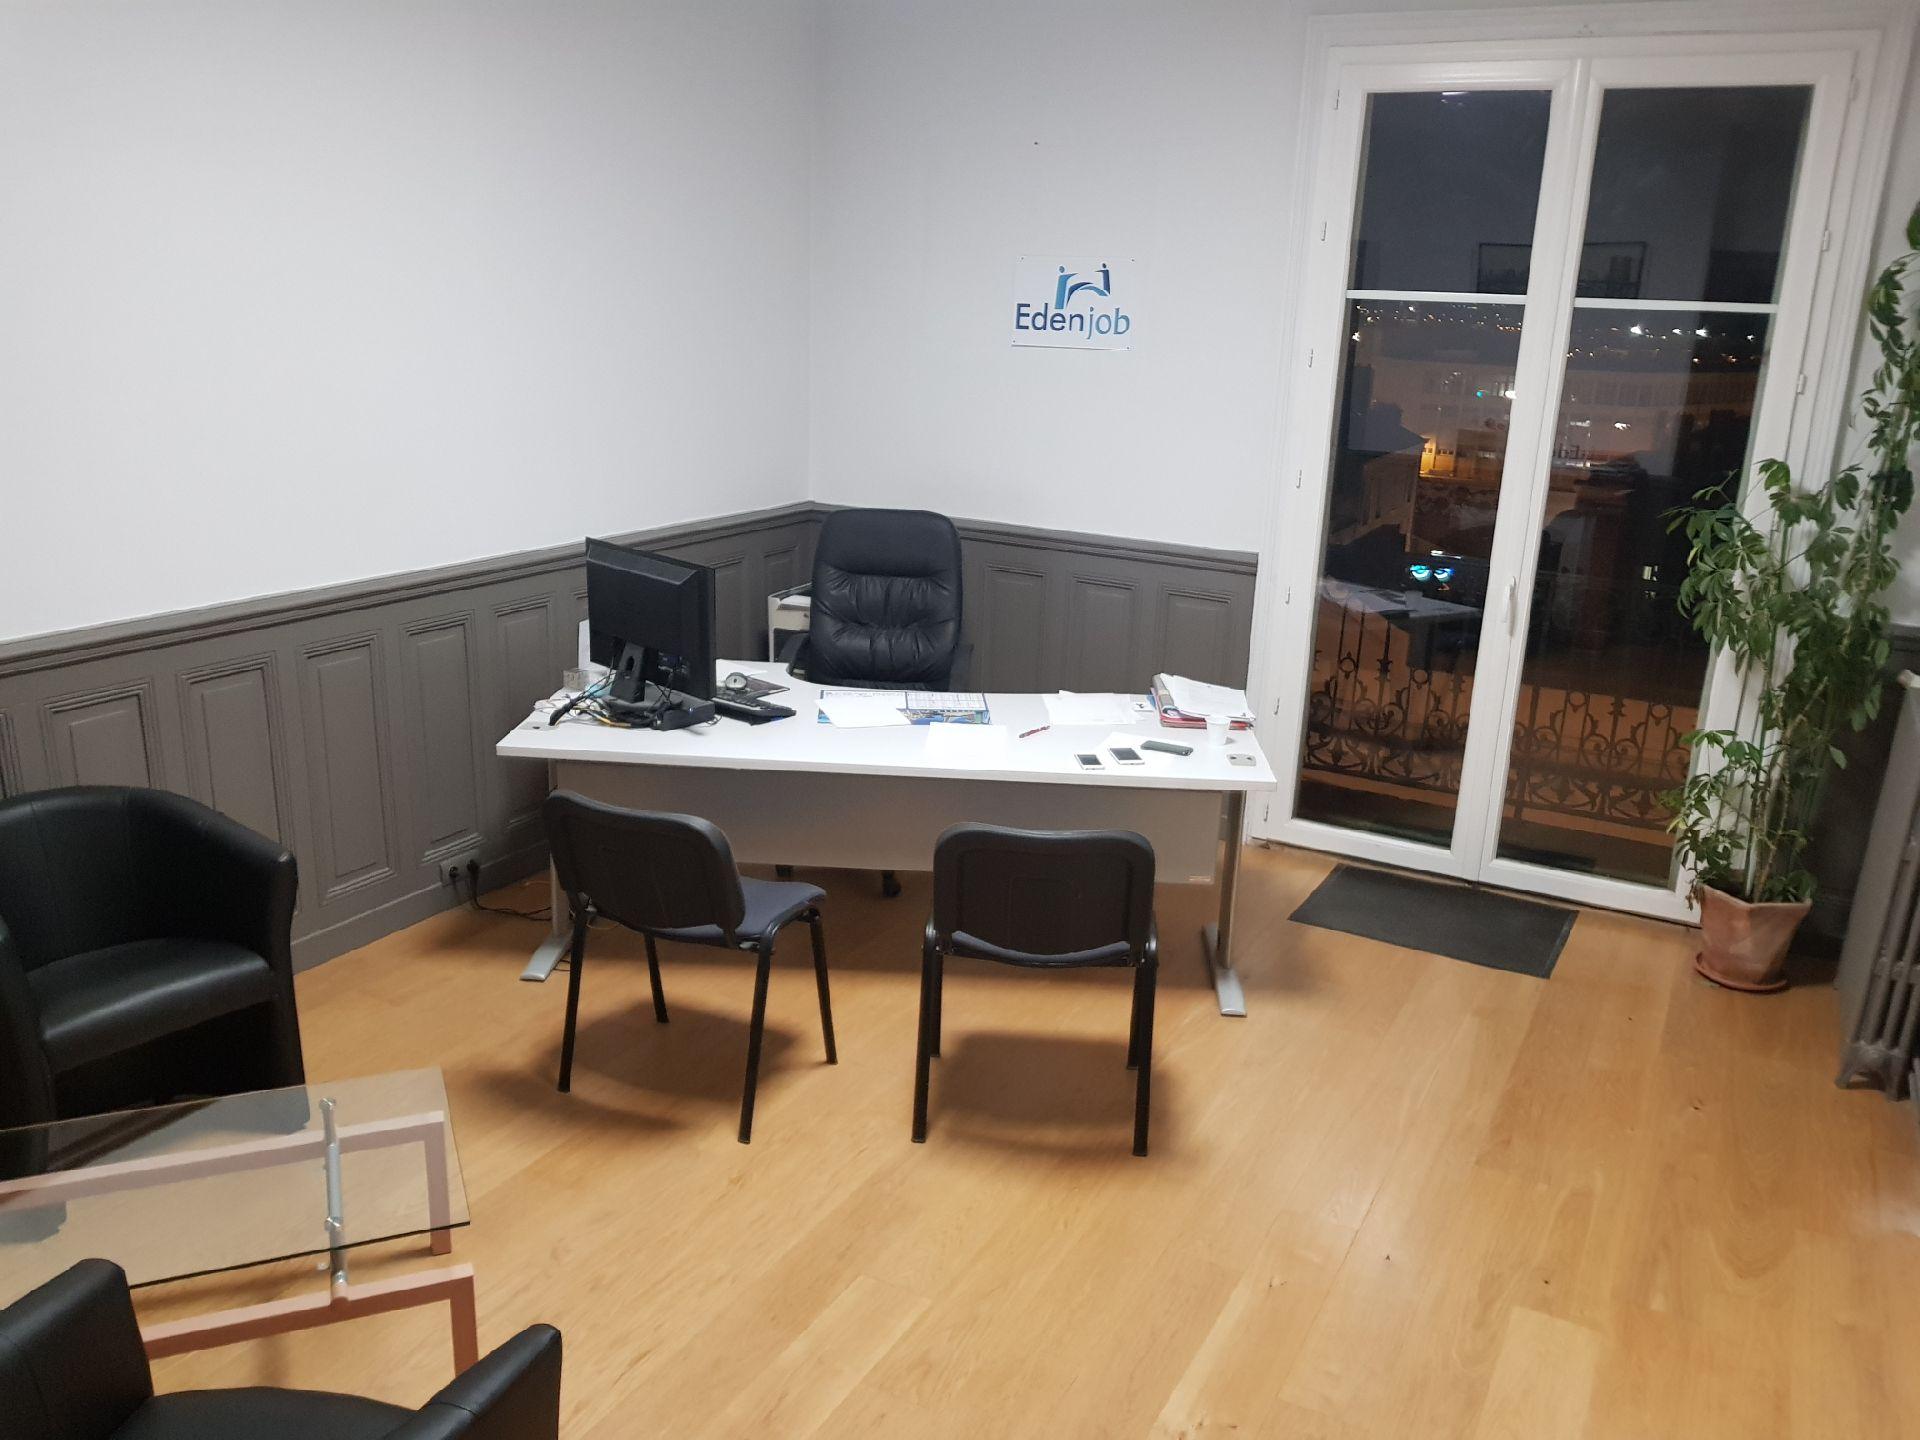 work 39 in 87 co working location bureau et domiciliation entreprise 350 m d 39 espace de travail. Black Bedroom Furniture Sets. Home Design Ideas